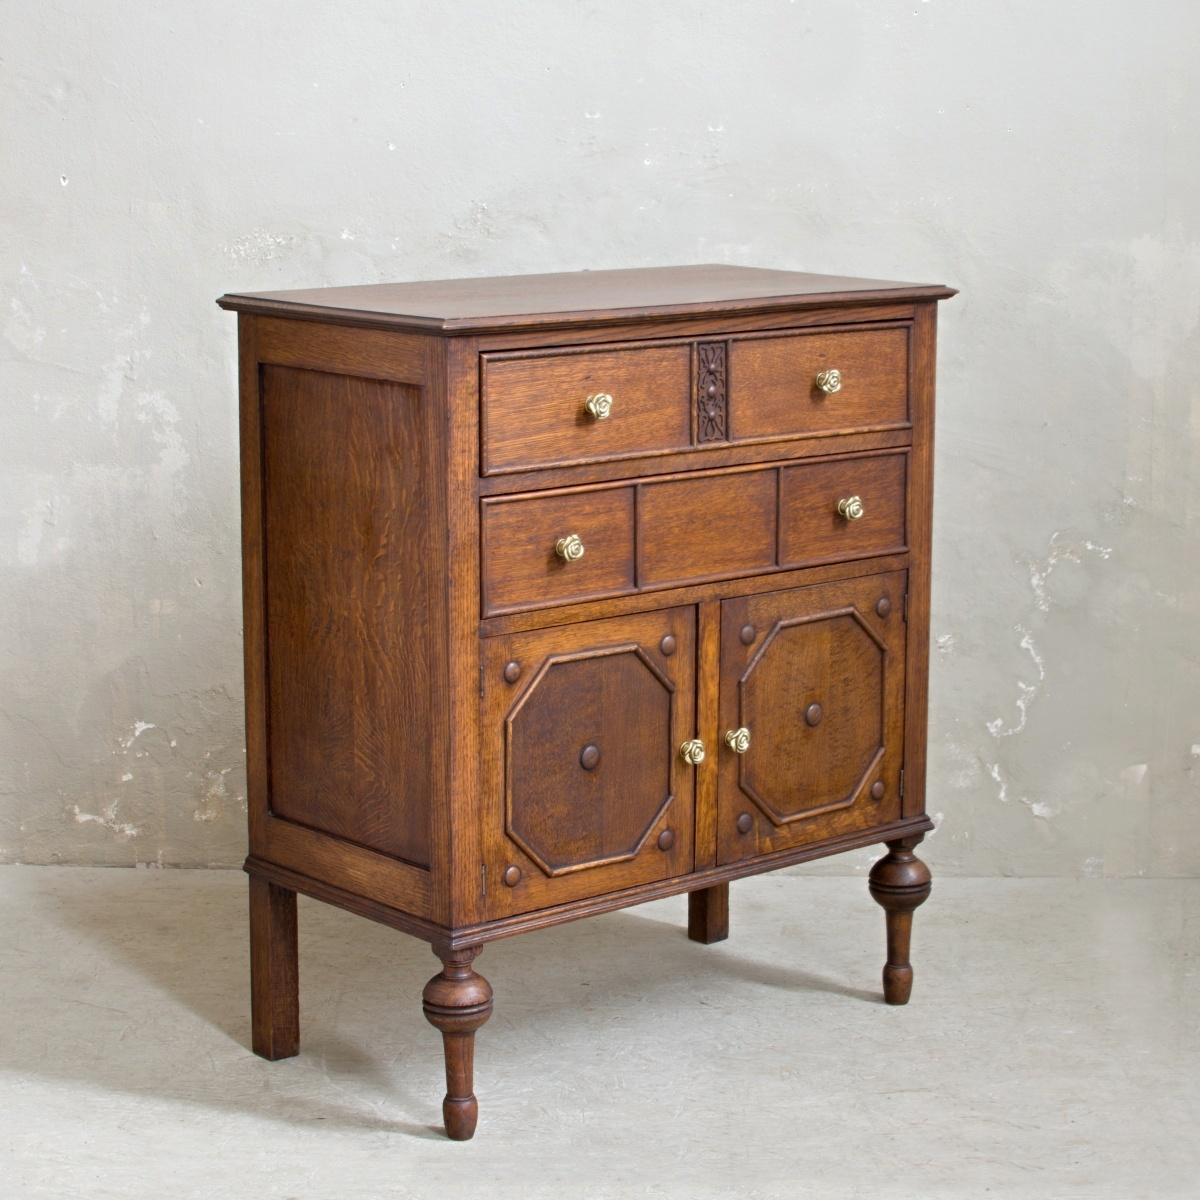 Prodej dřevěného nábytku Praha Anglický příborník